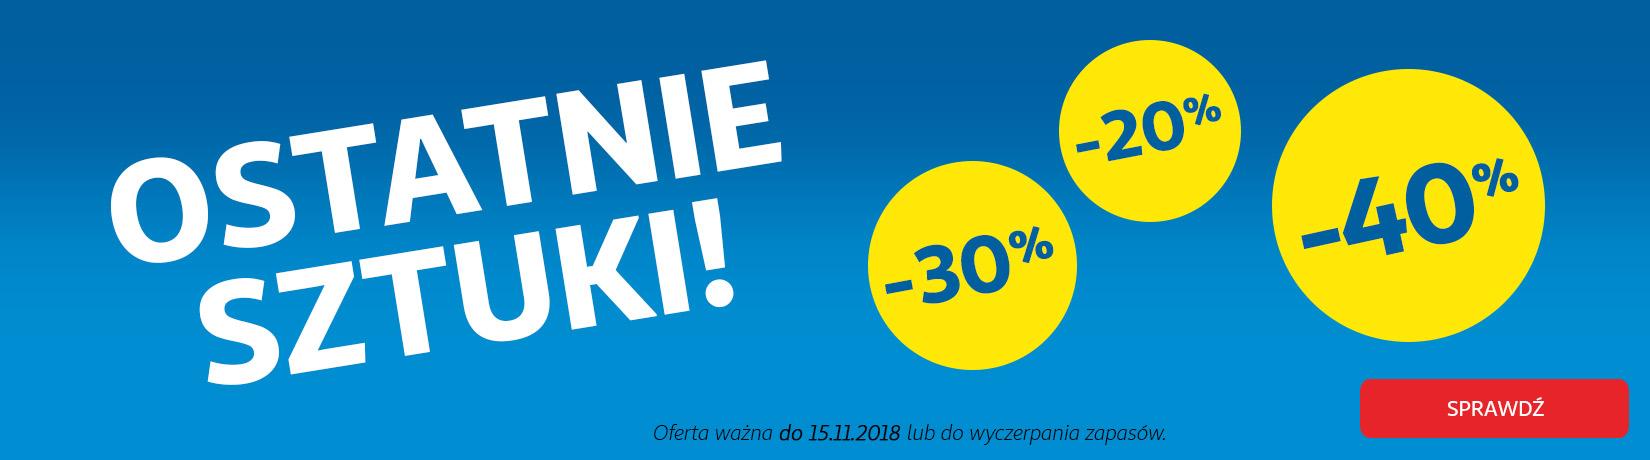 Hipermarket Auchan: do 40% zniżki na ostatnie sztuki